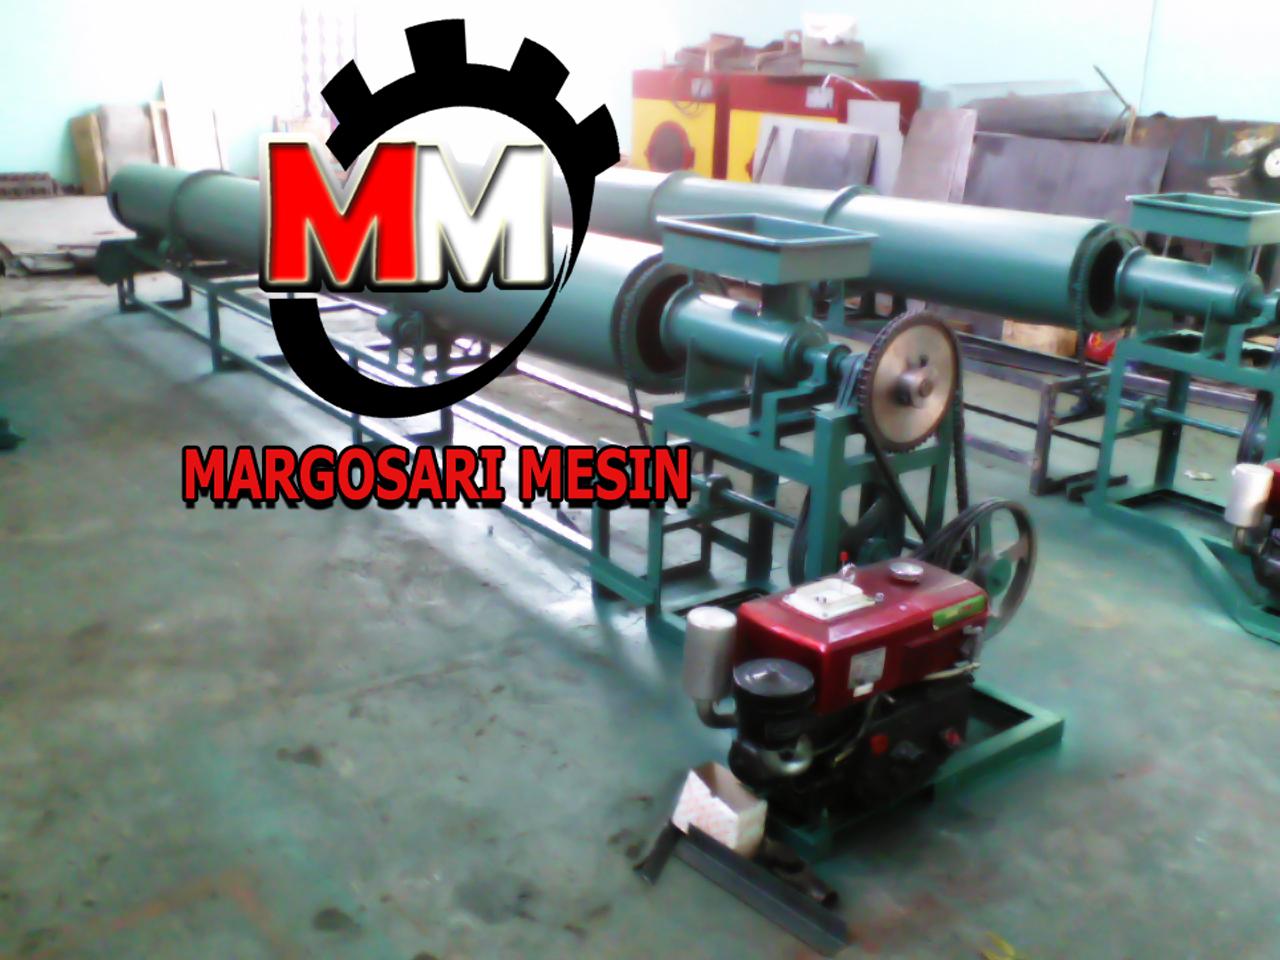 Sumber: http://margosarimesin.blogspot.com/p/mesin-pengolah-pelet